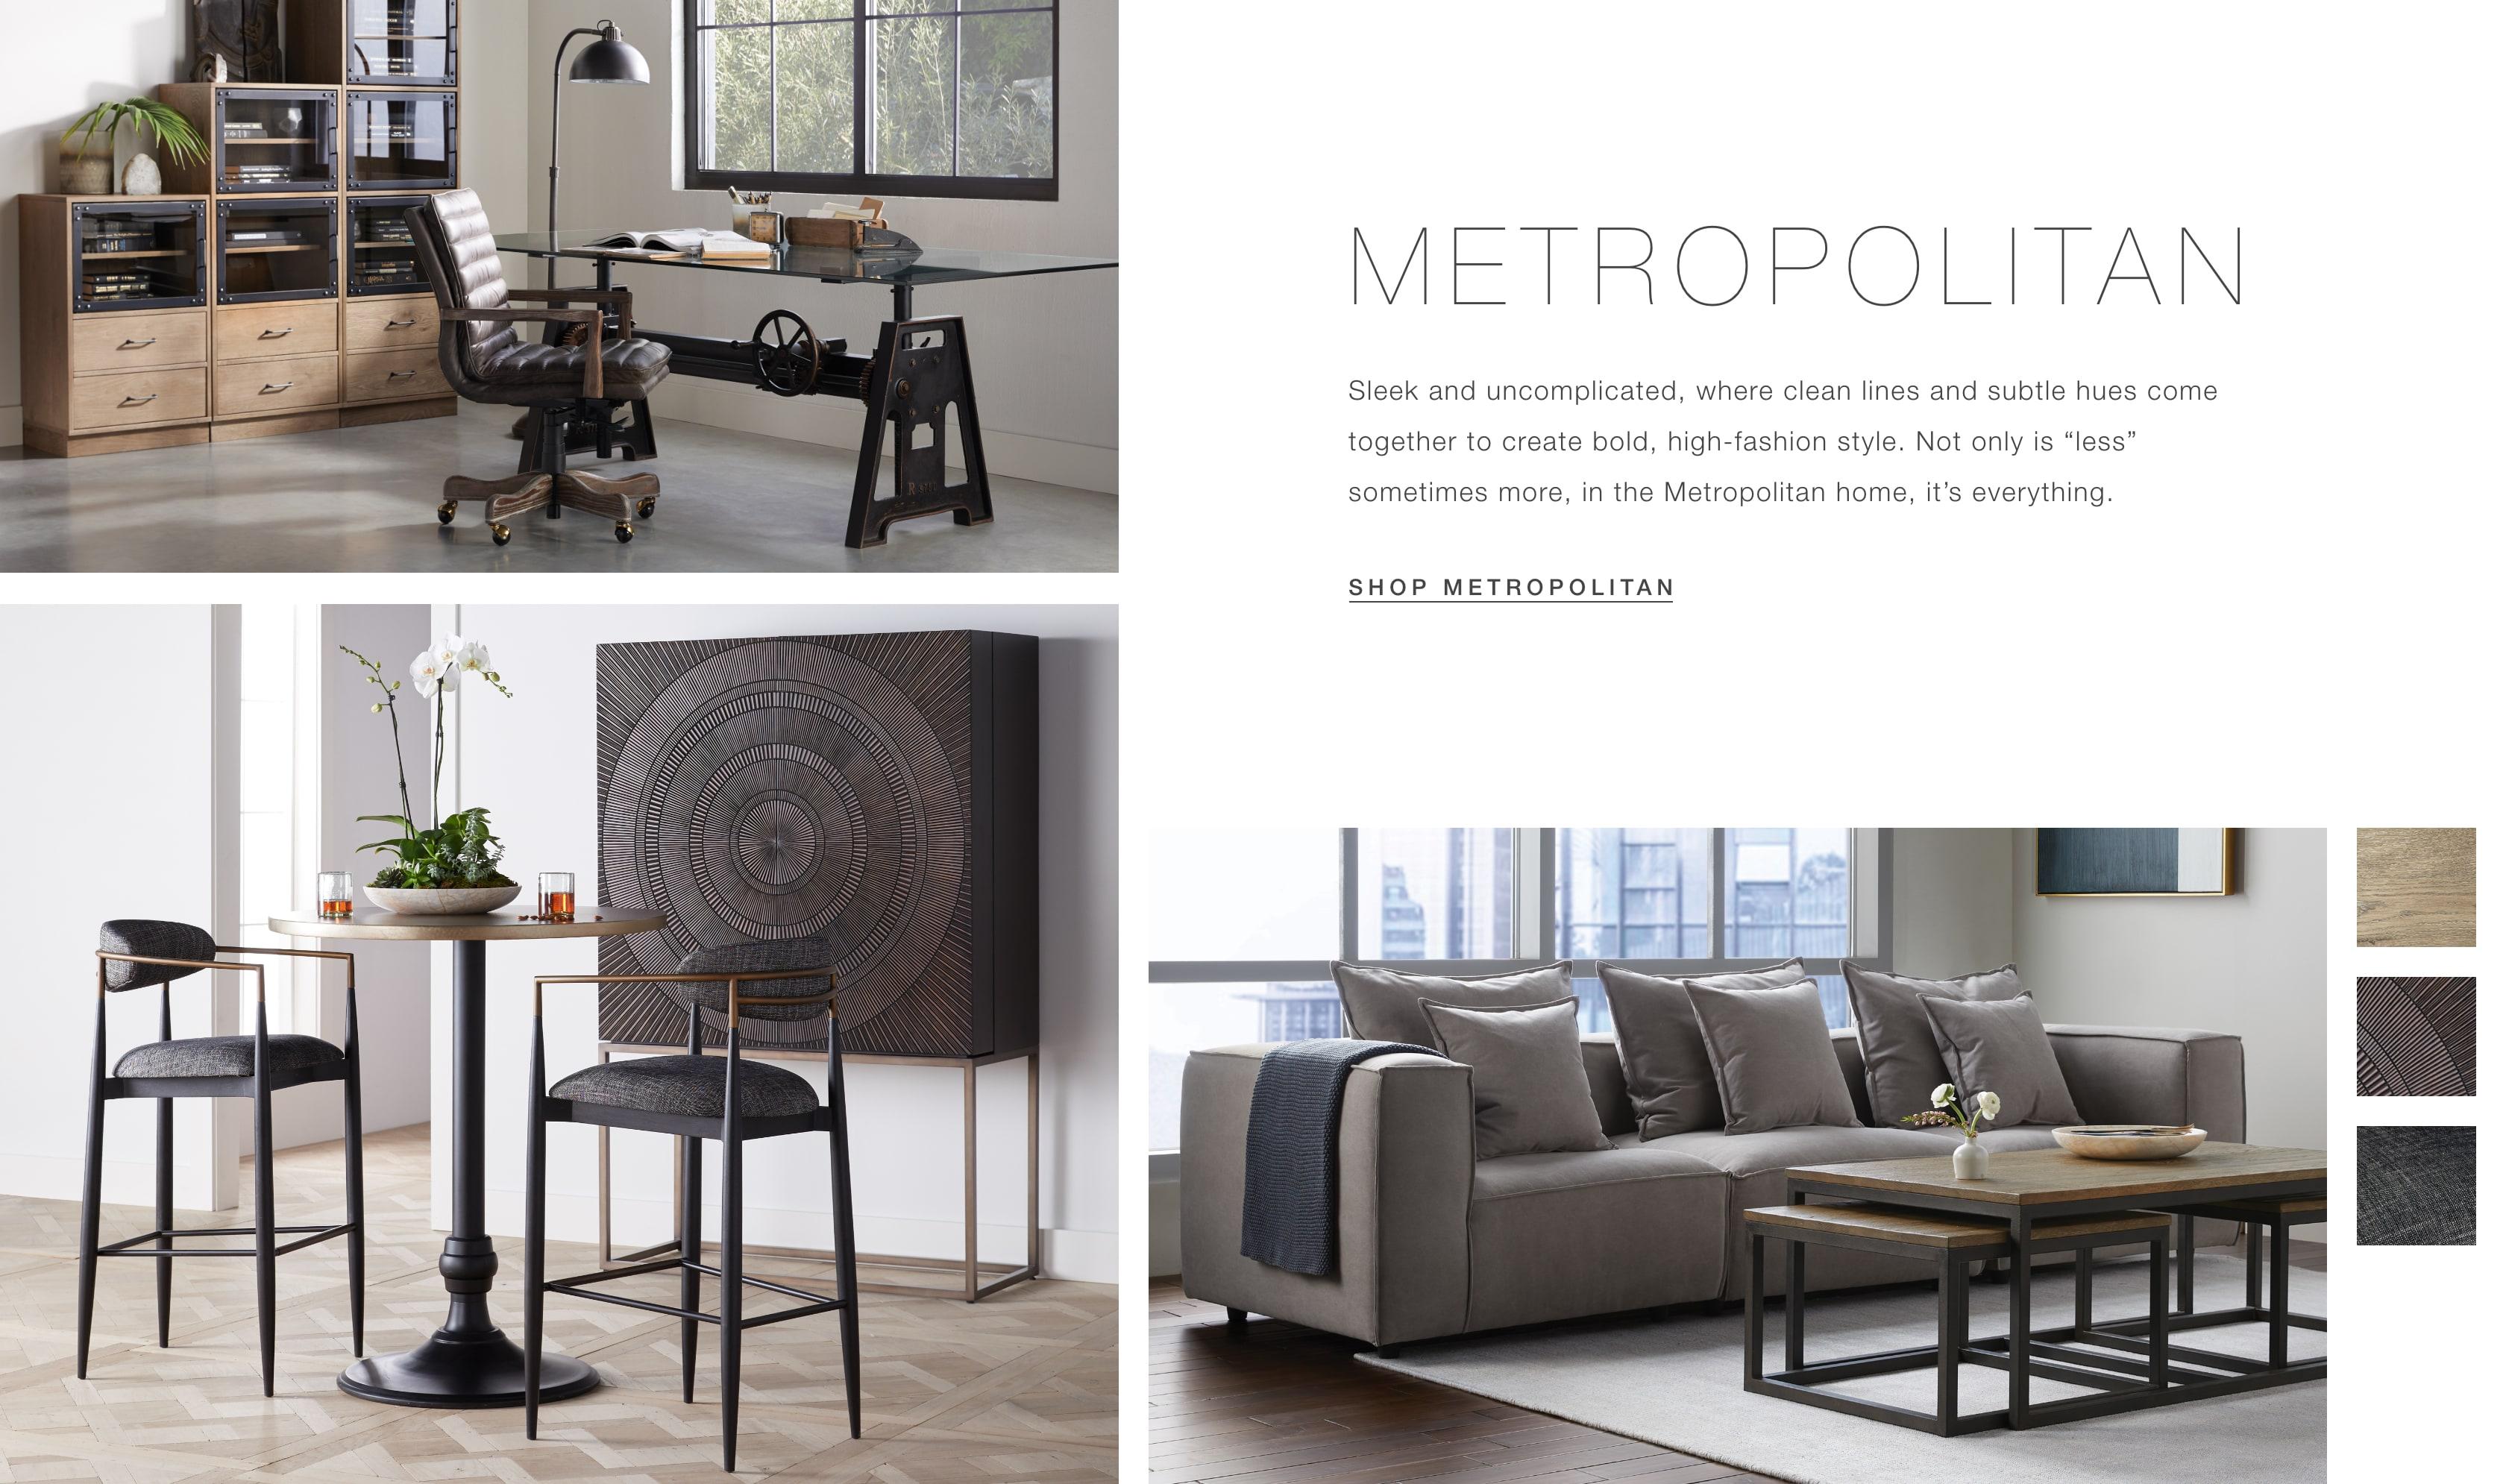 Shop Metropolitan